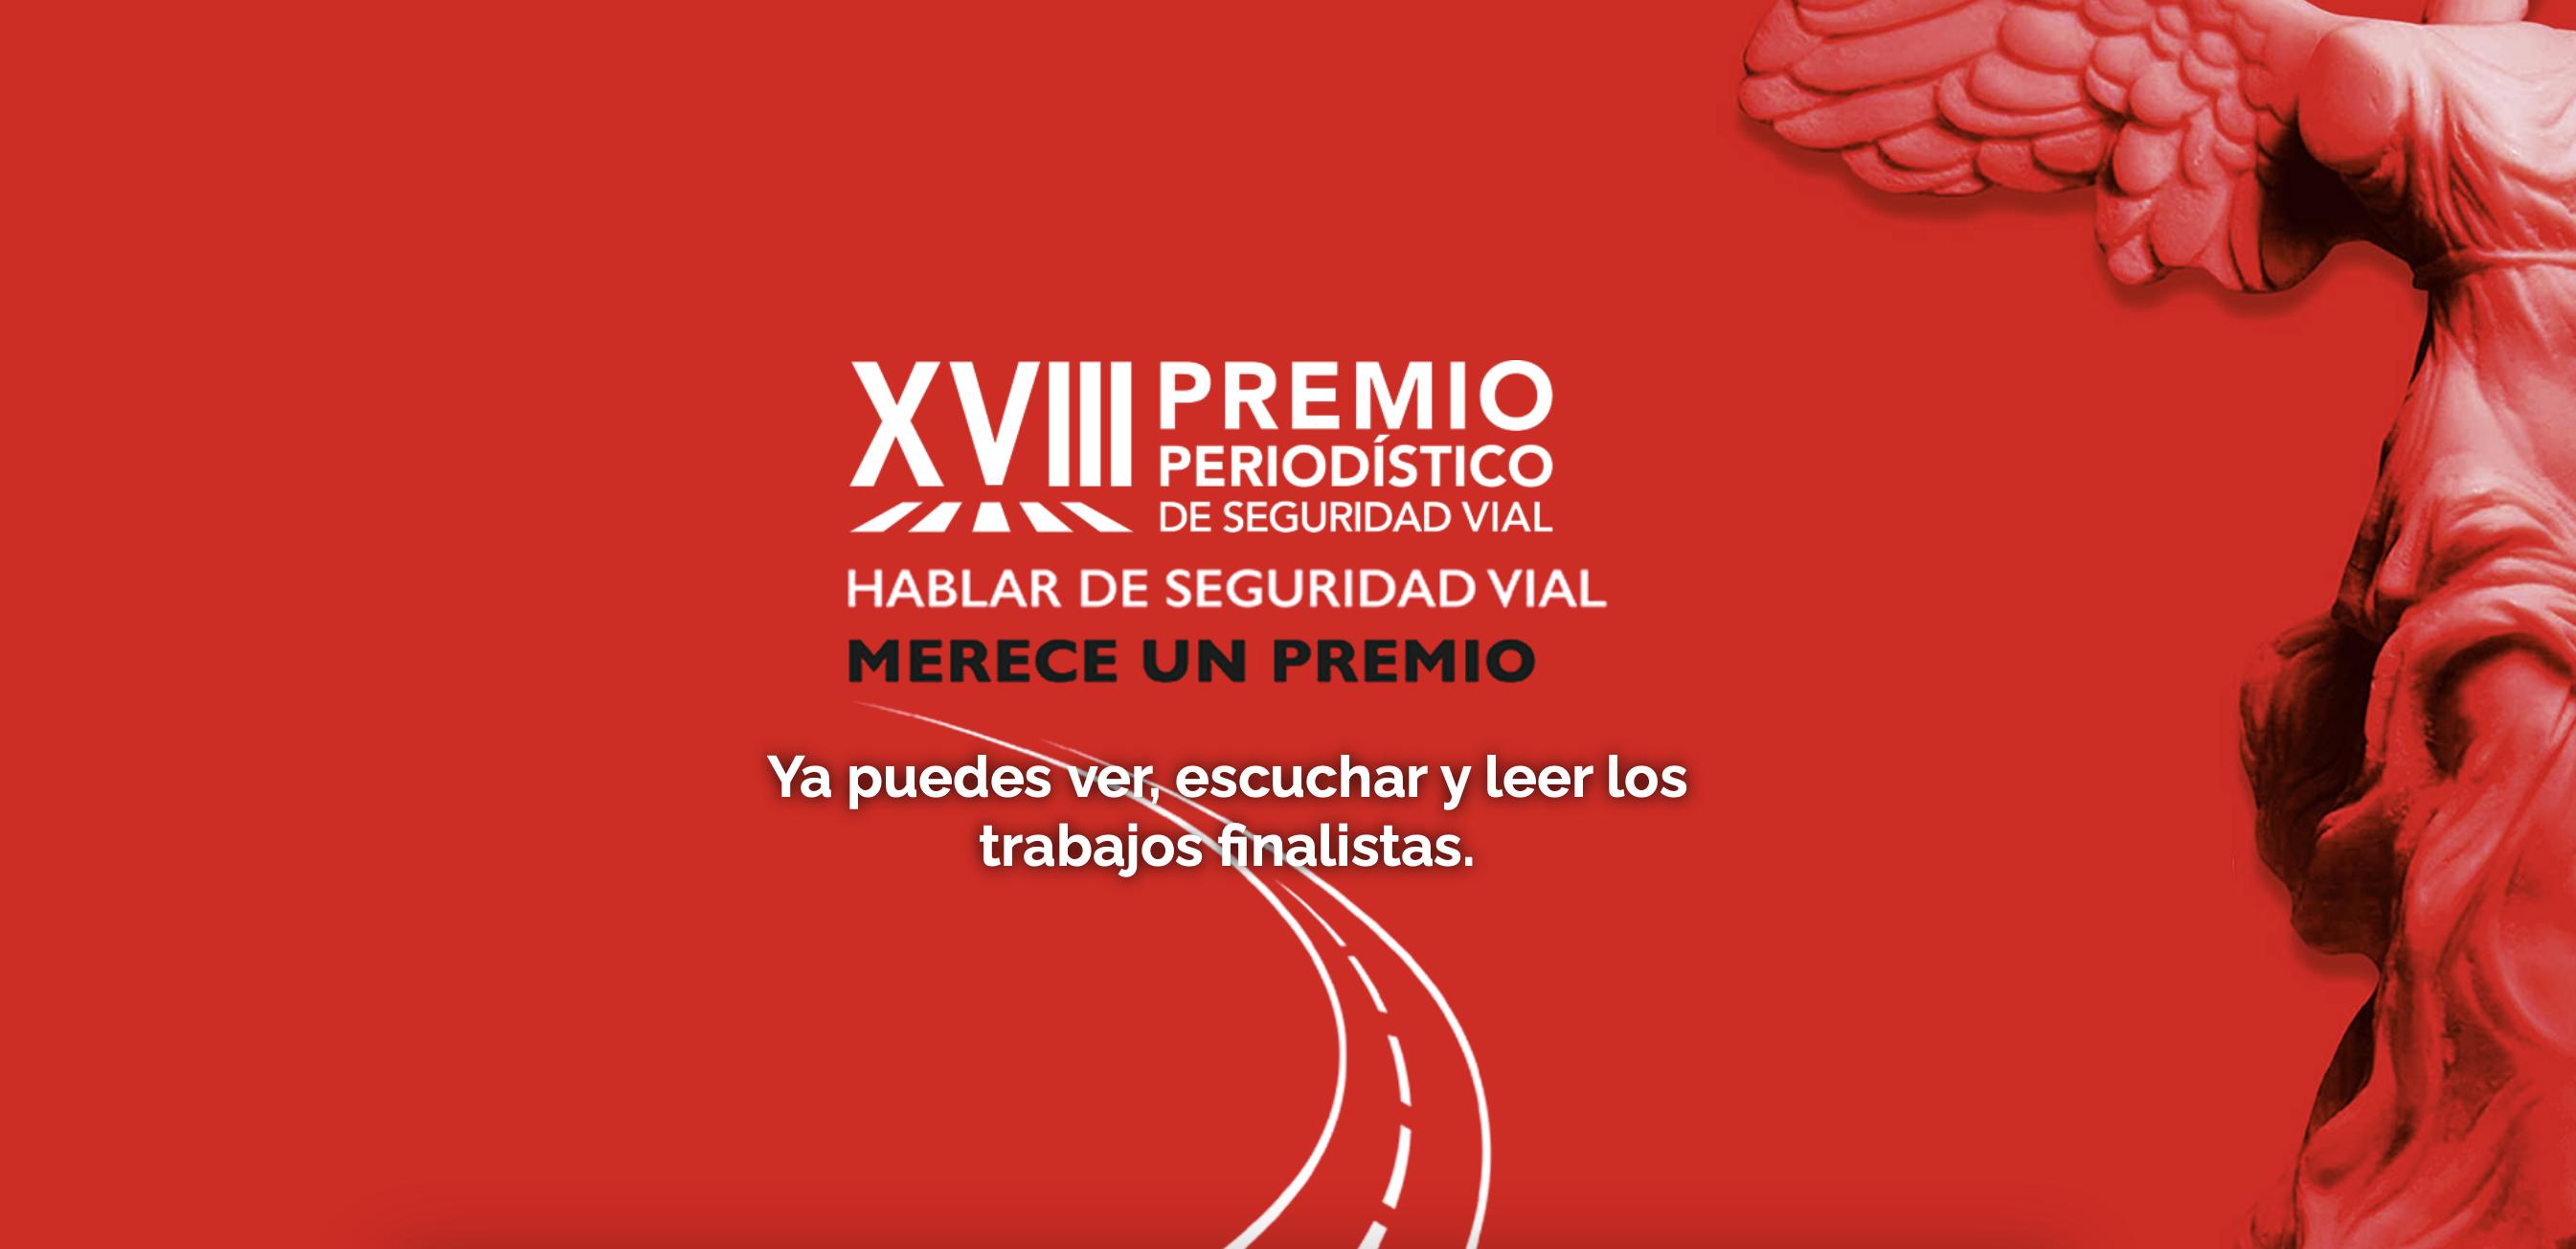 Autofácil, entre los finalistas nominados al Premio Periodístico de Seguridad Vial de la Fundación Línea Directa